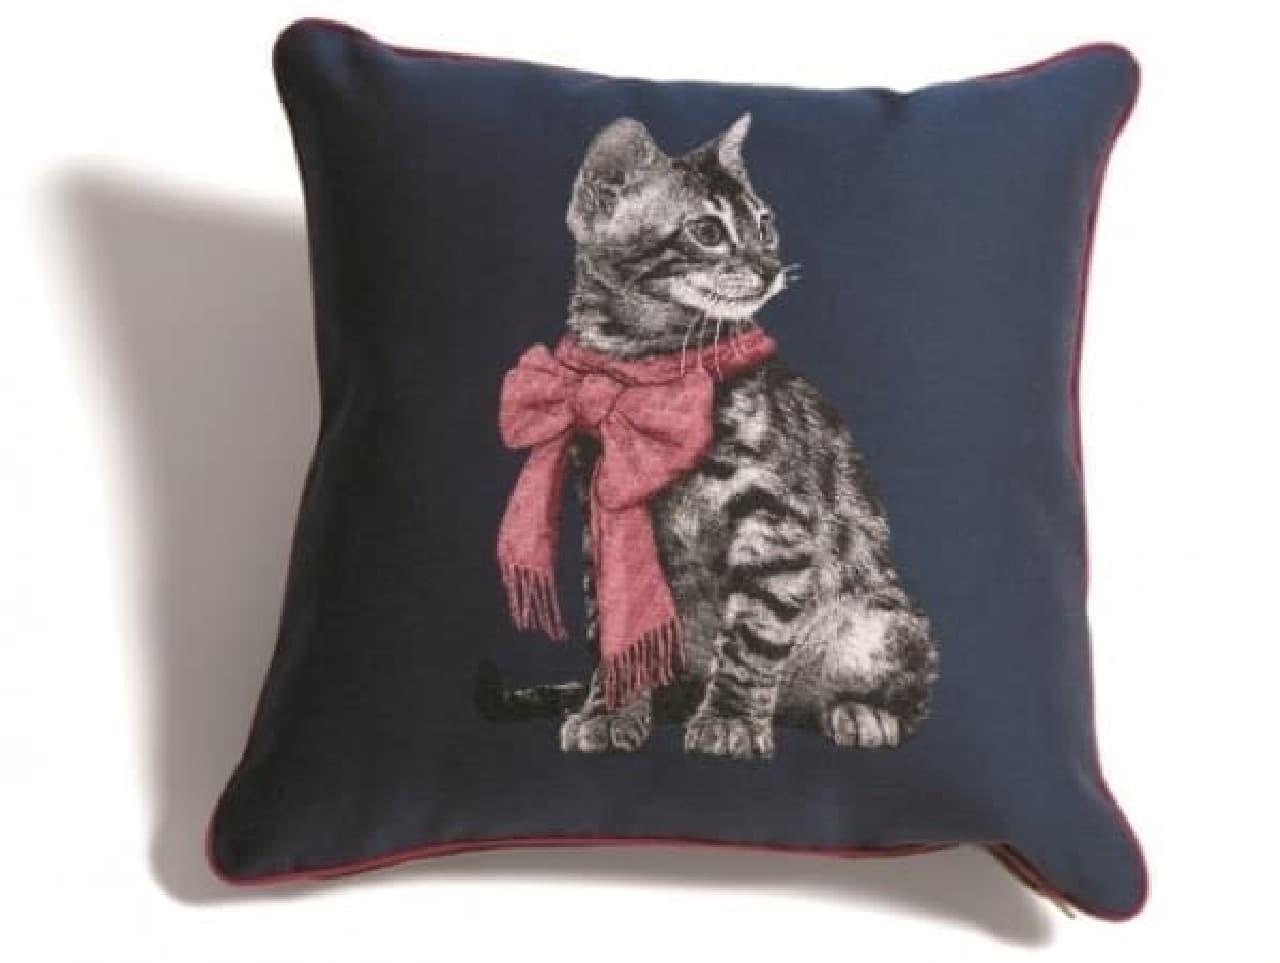 ジャカード織ネコのクッションカバー 4,500円